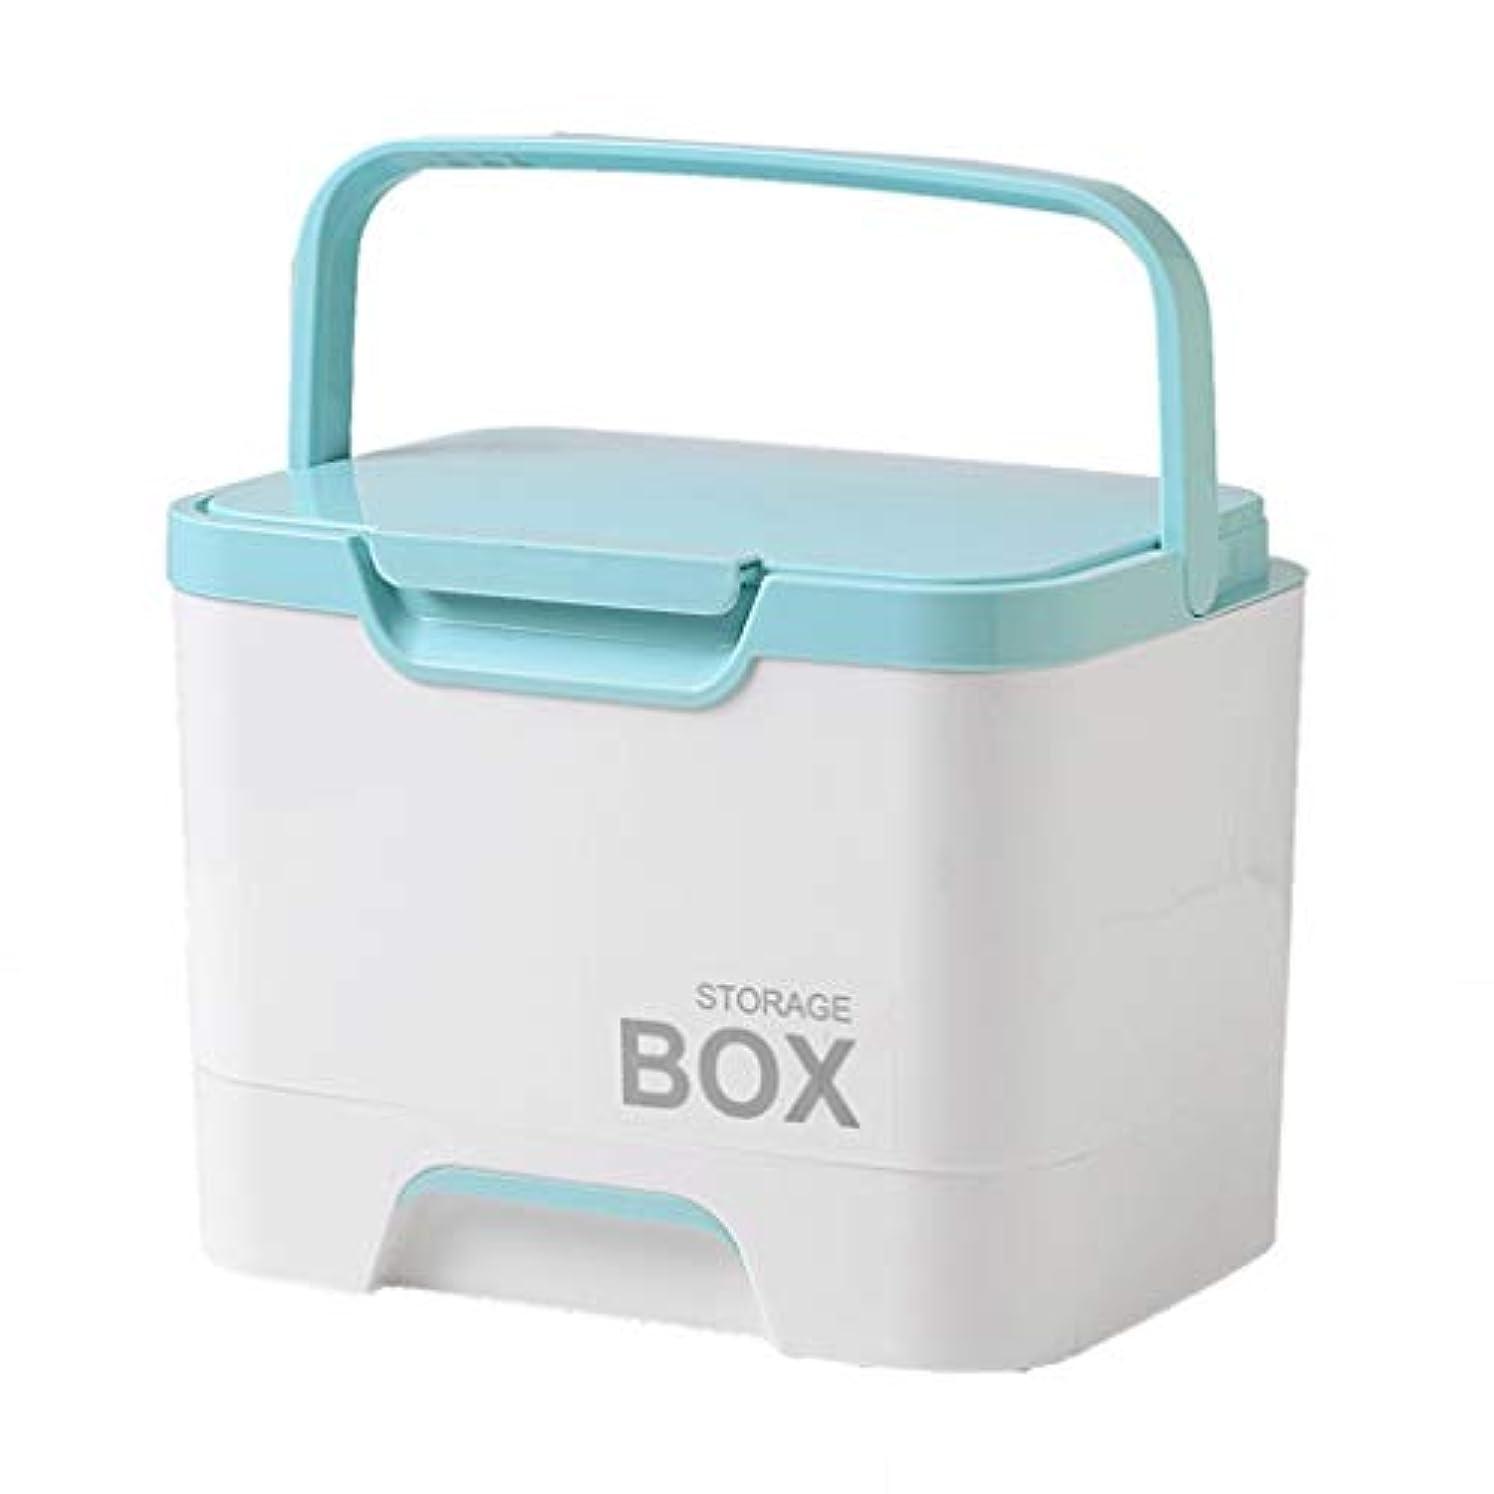 ヒップ頑丈マッサージピルボックスPP 25 * 20 * 22 cm家庭用薬ボックス薬収納ボックス (色 : 青)